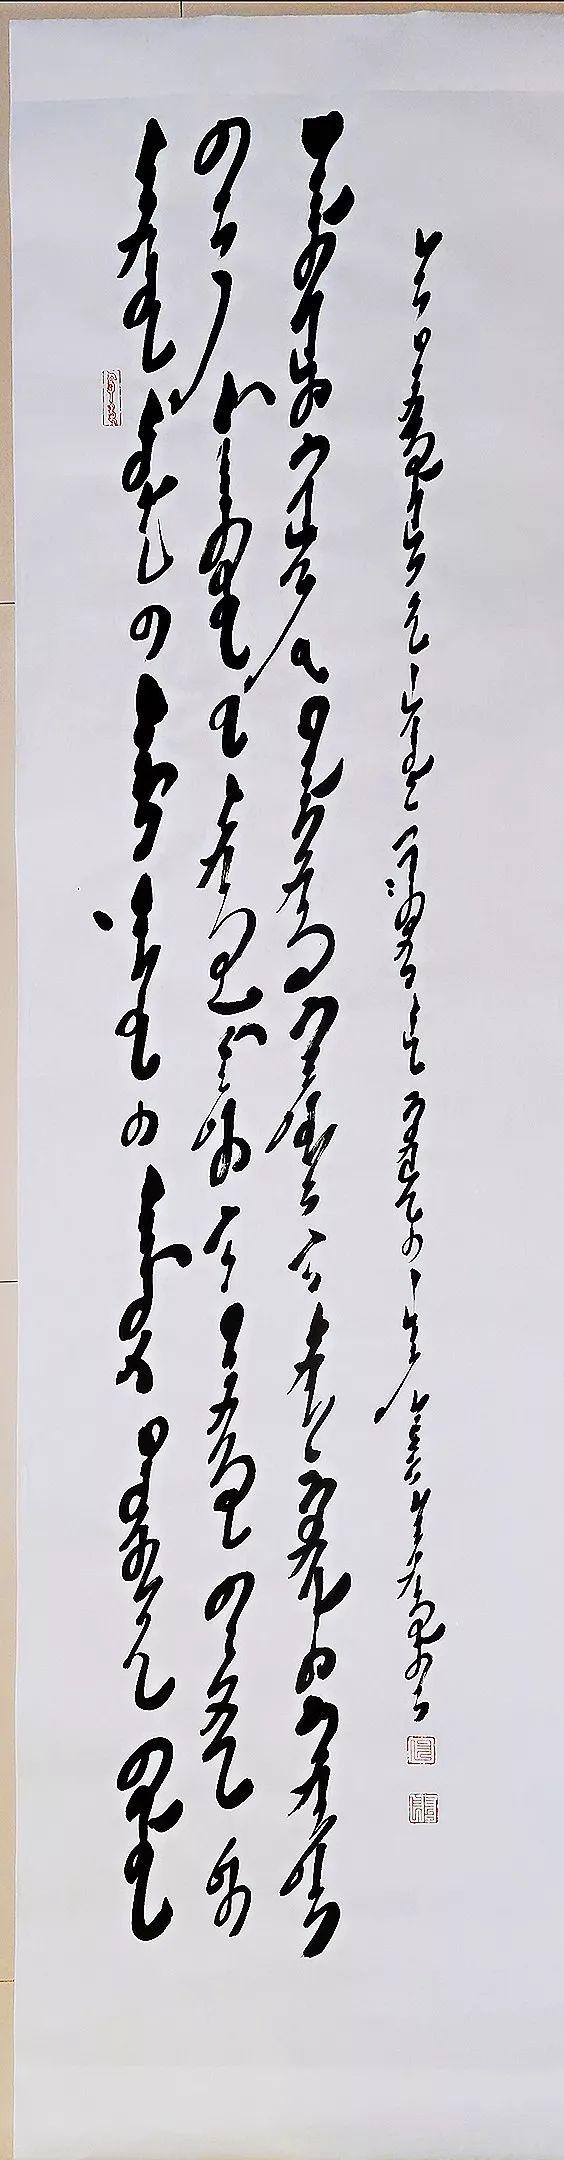 内蒙古书法家在行动:笔墨凝斗志,作品助抗疫 第17张